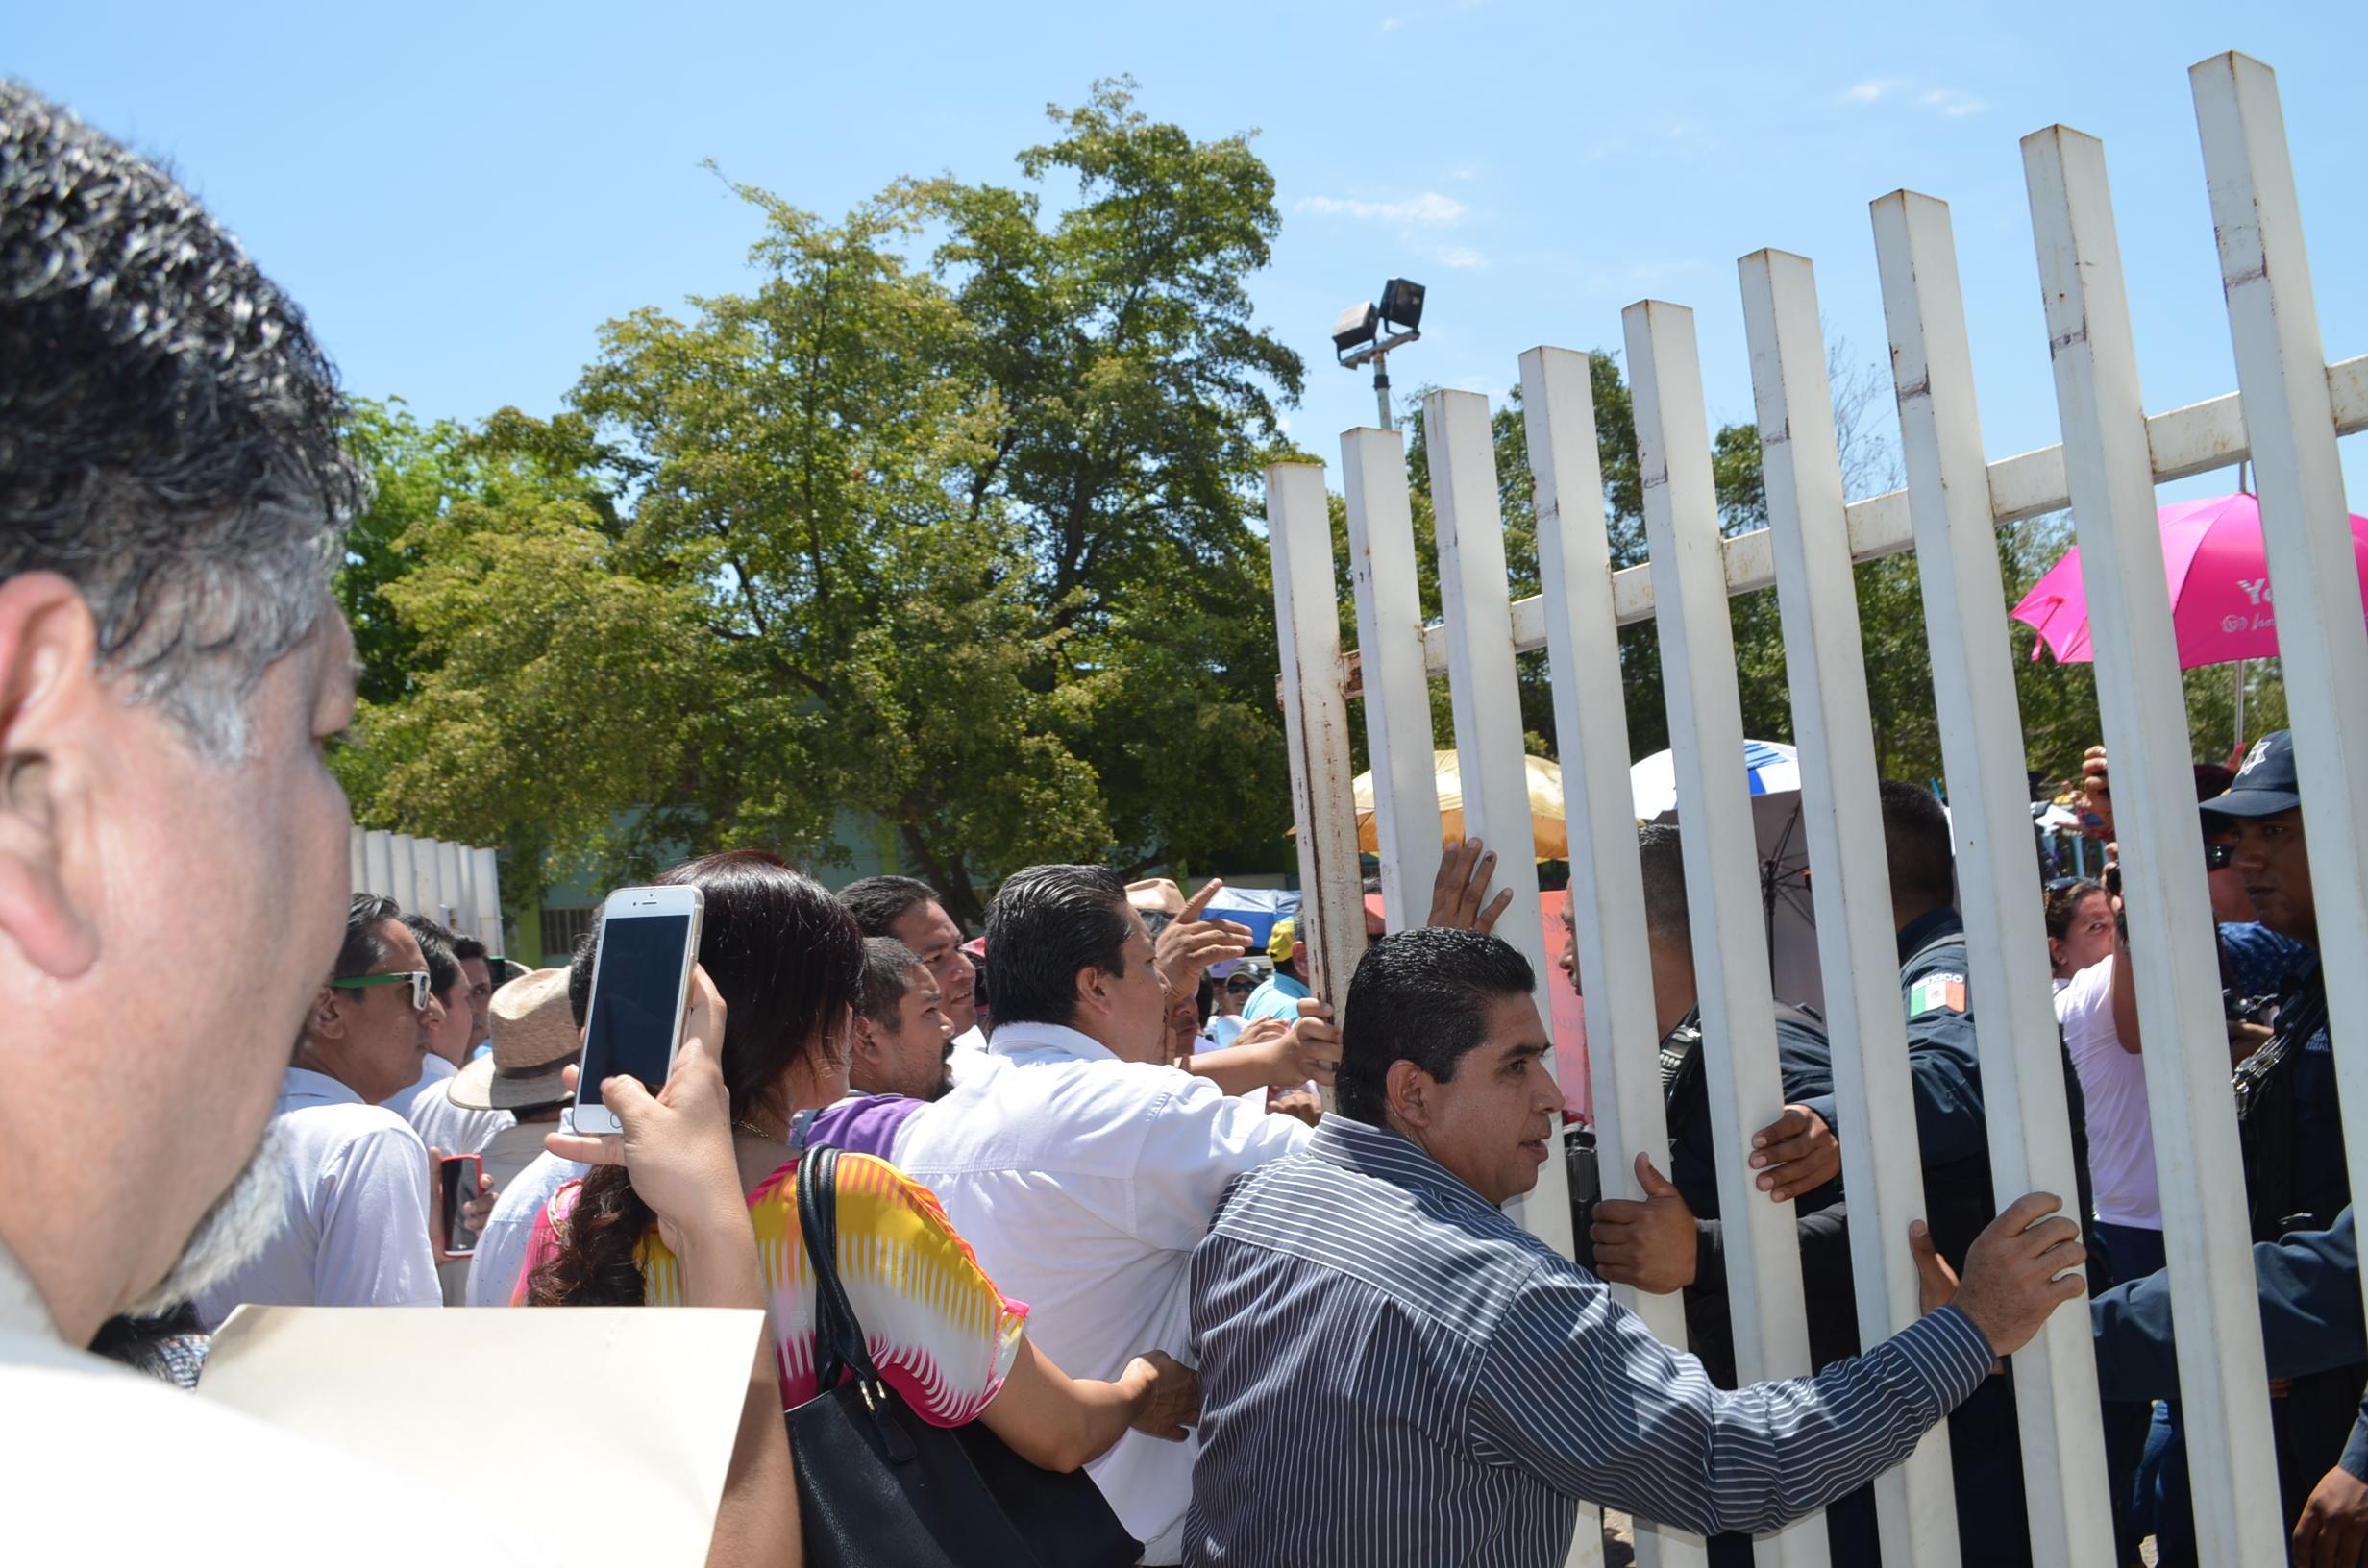 Los policías se negaron a responder quien dio las ordenes para bloquear la entrada. Fotografía: Gabriela Sánchez